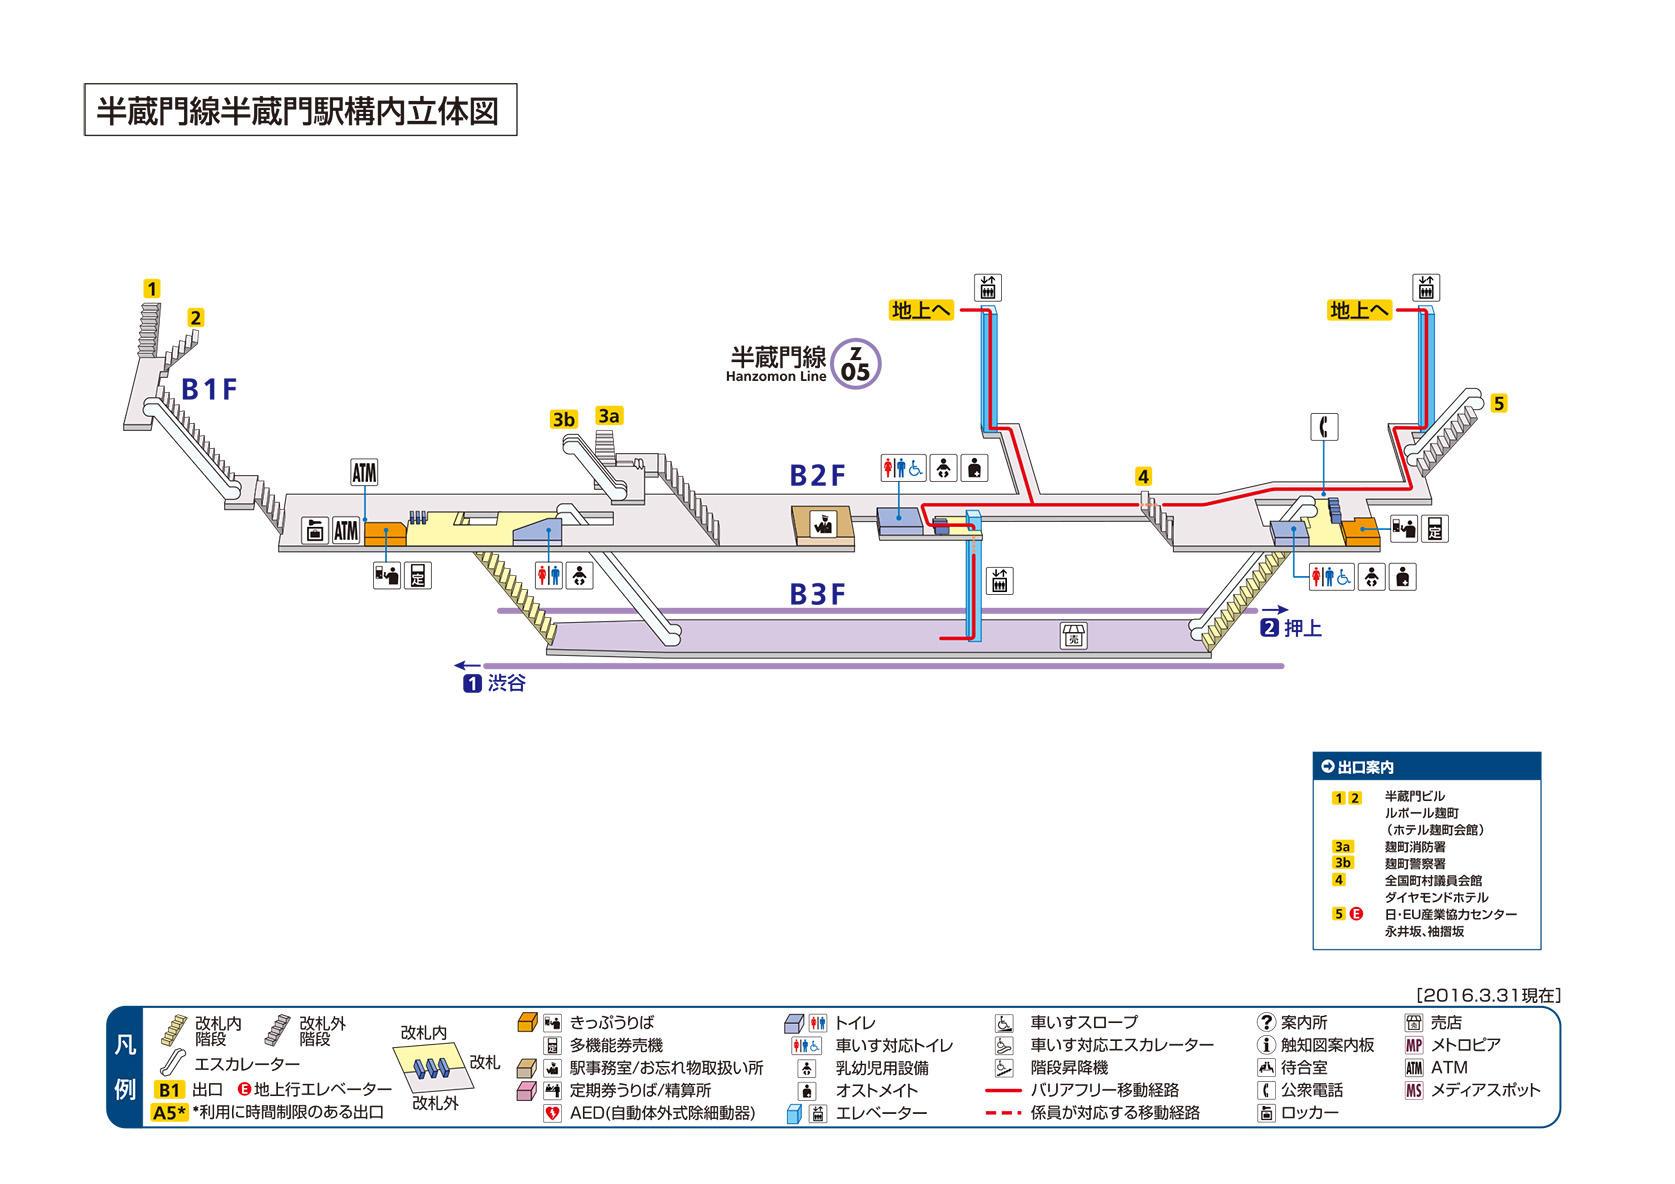 構内図|竹橋|駅の情報|ジョルダン